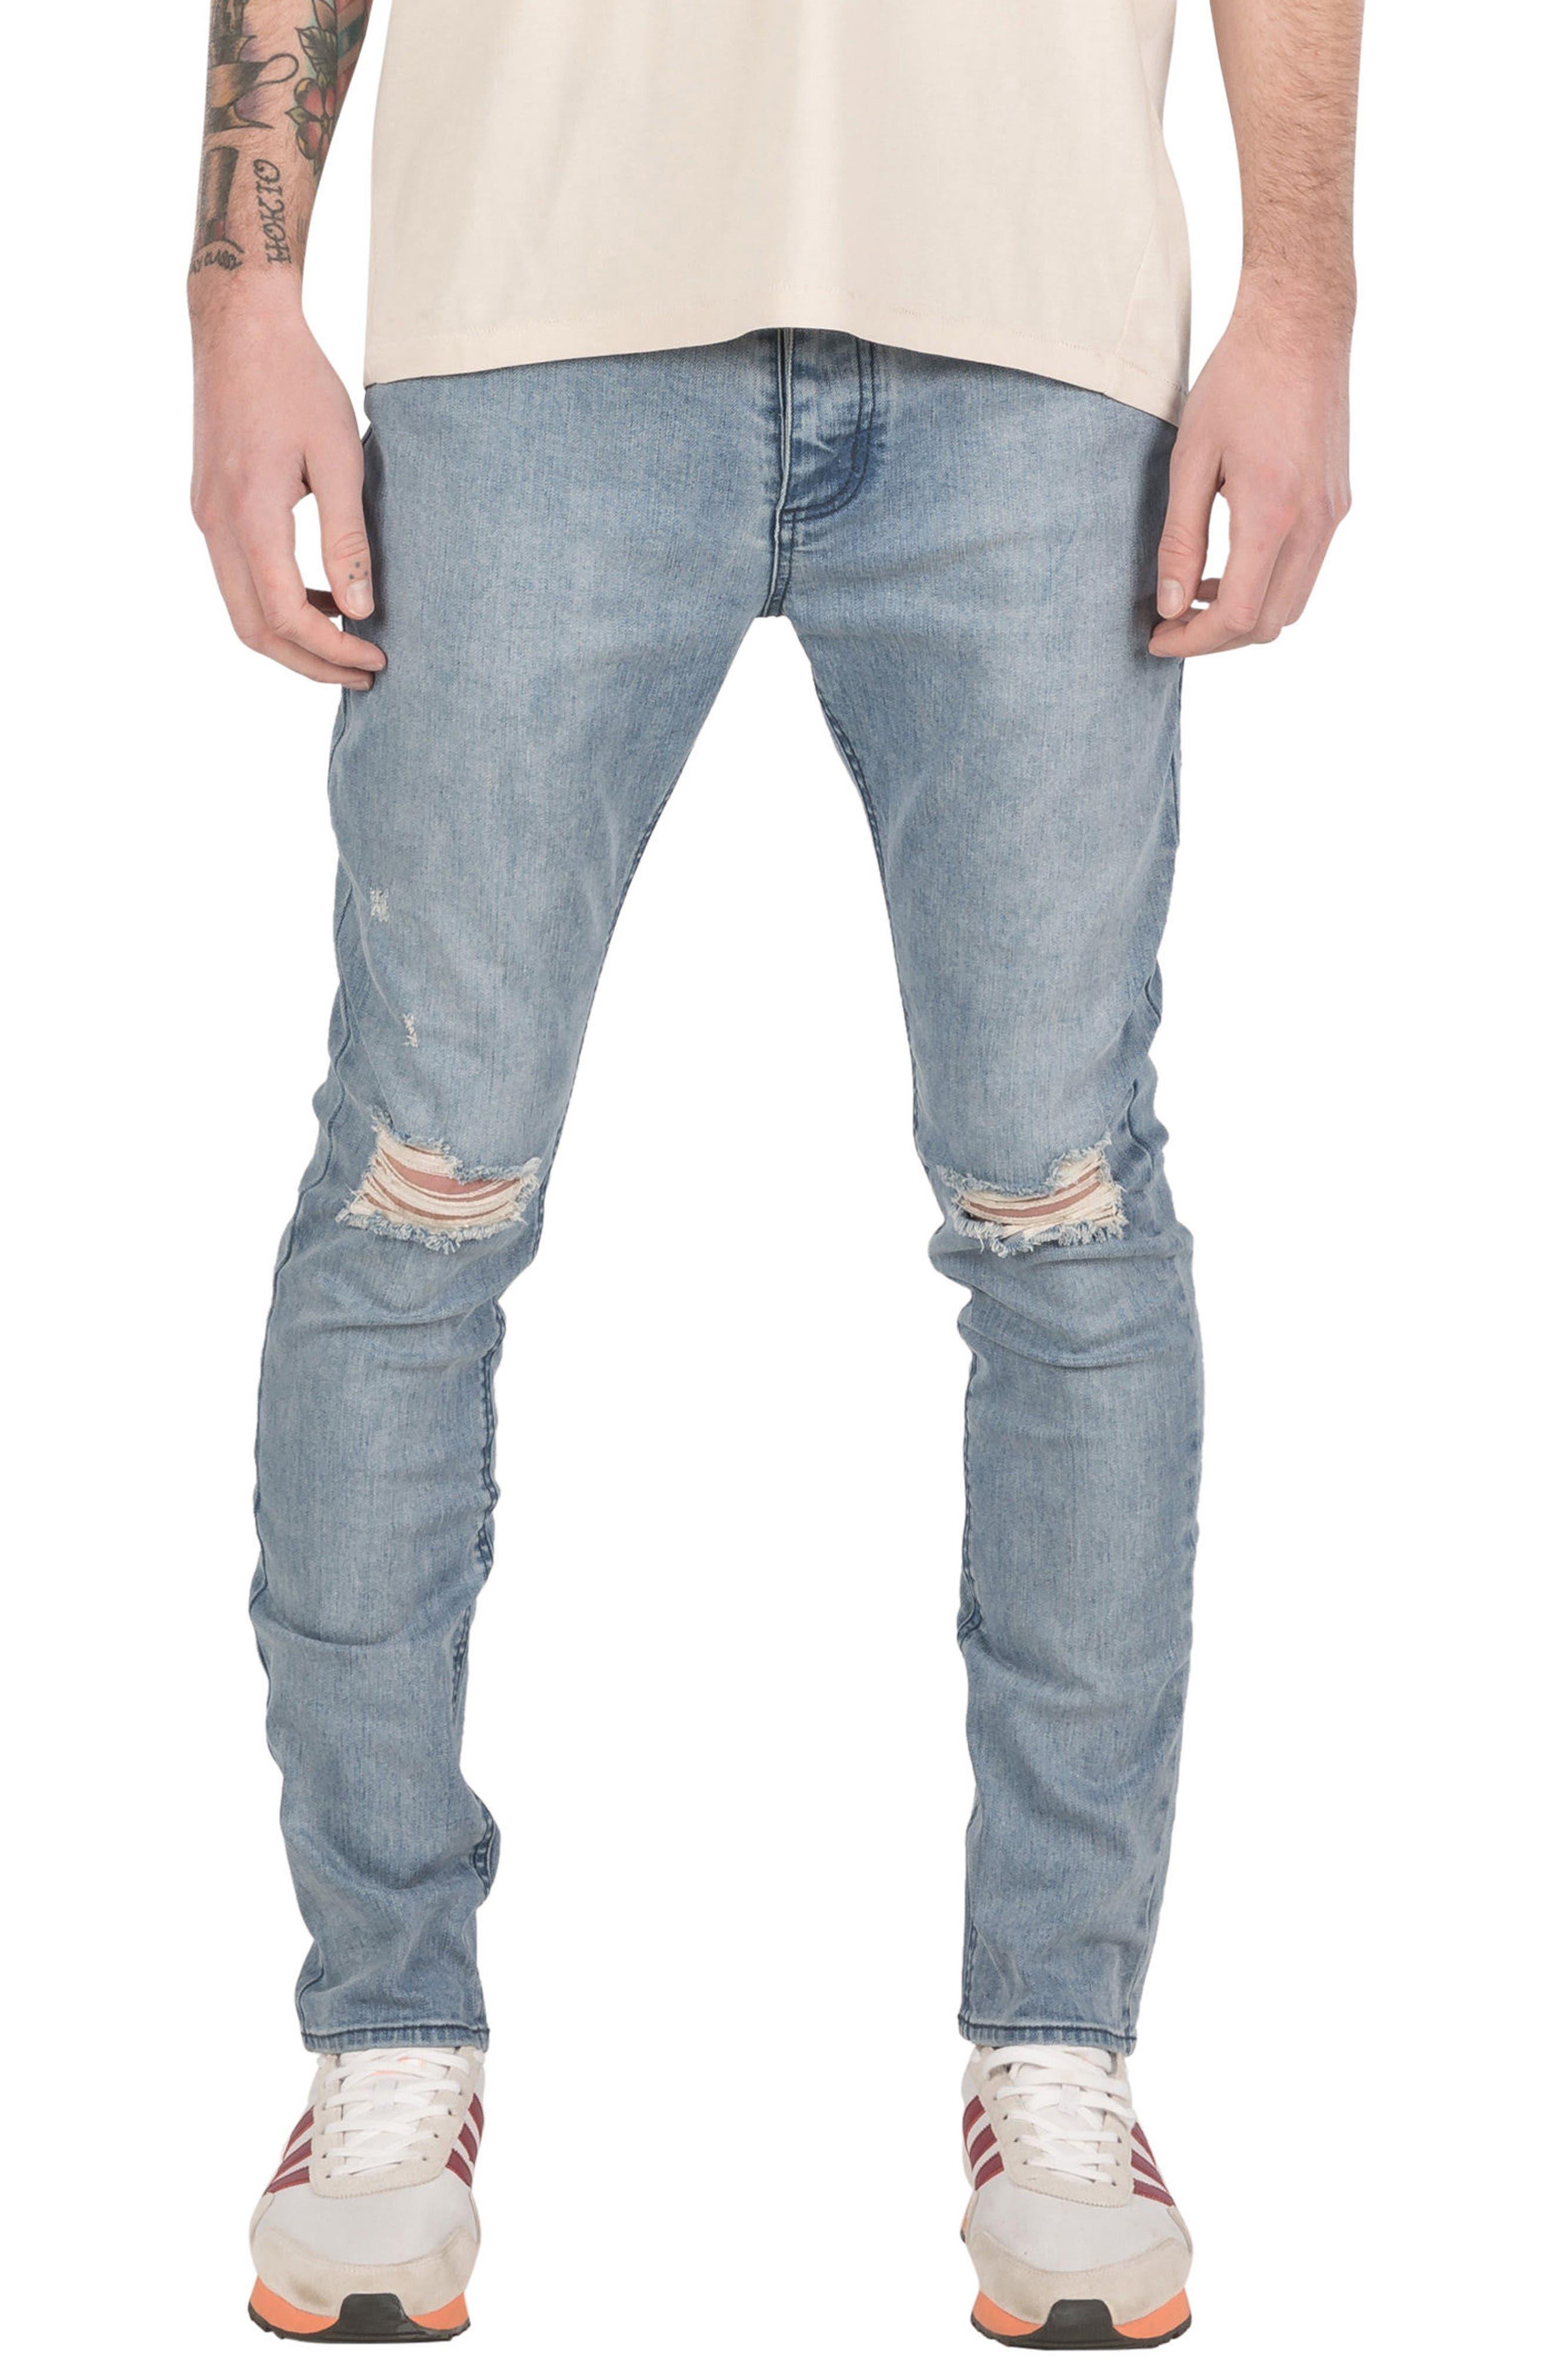 Joe Blow Destroyed Denim Jeans,                         Main,                         color, 420